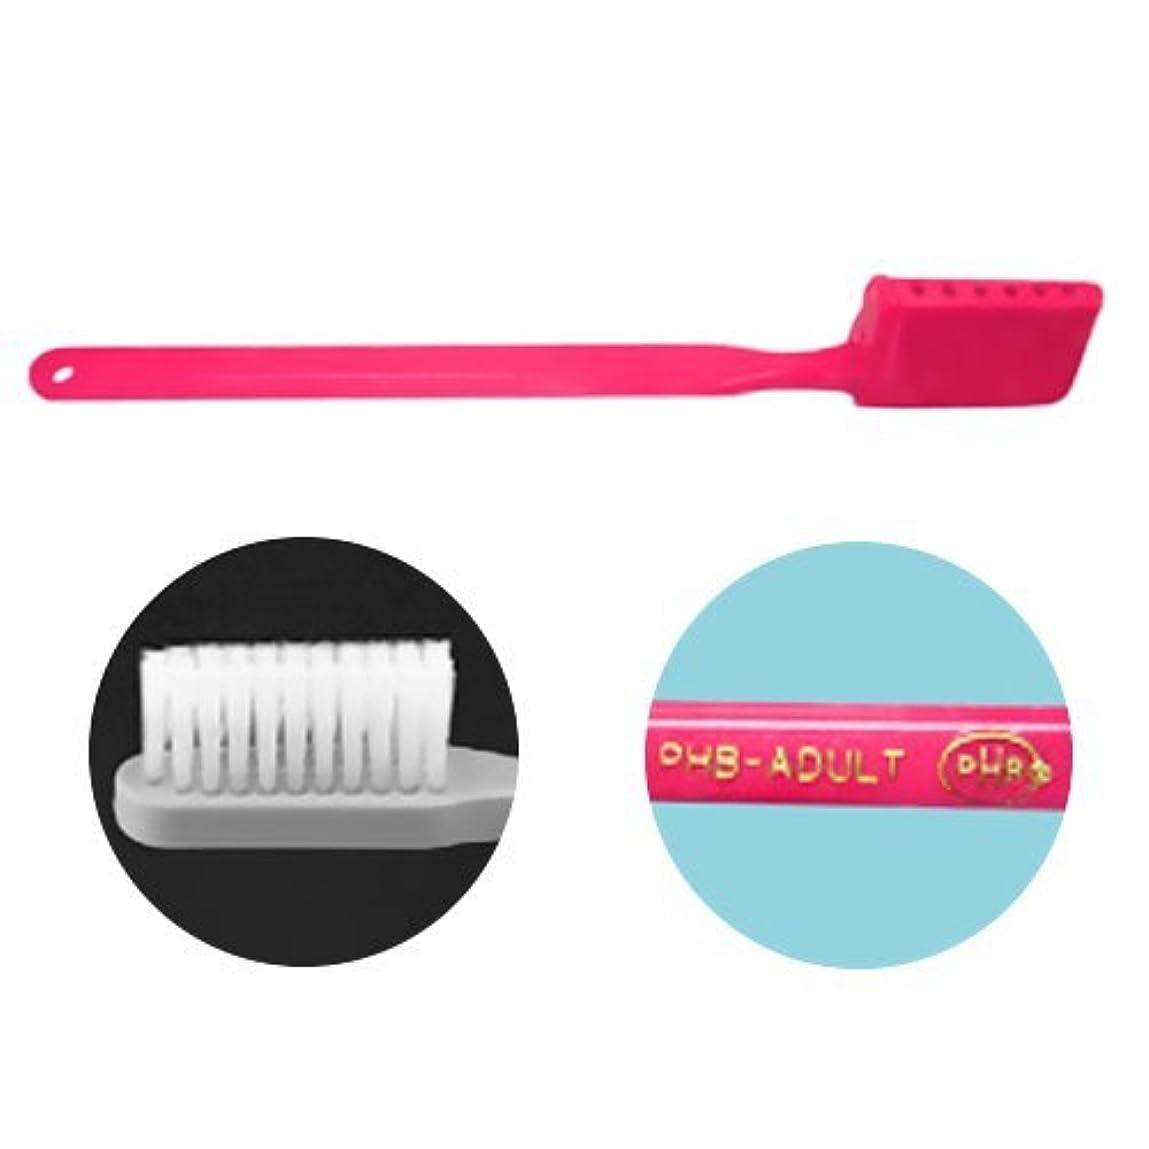 利用可能神話気をつけてPHB 歯ブラシ アダルトサイズ 1本 ネオンピンク